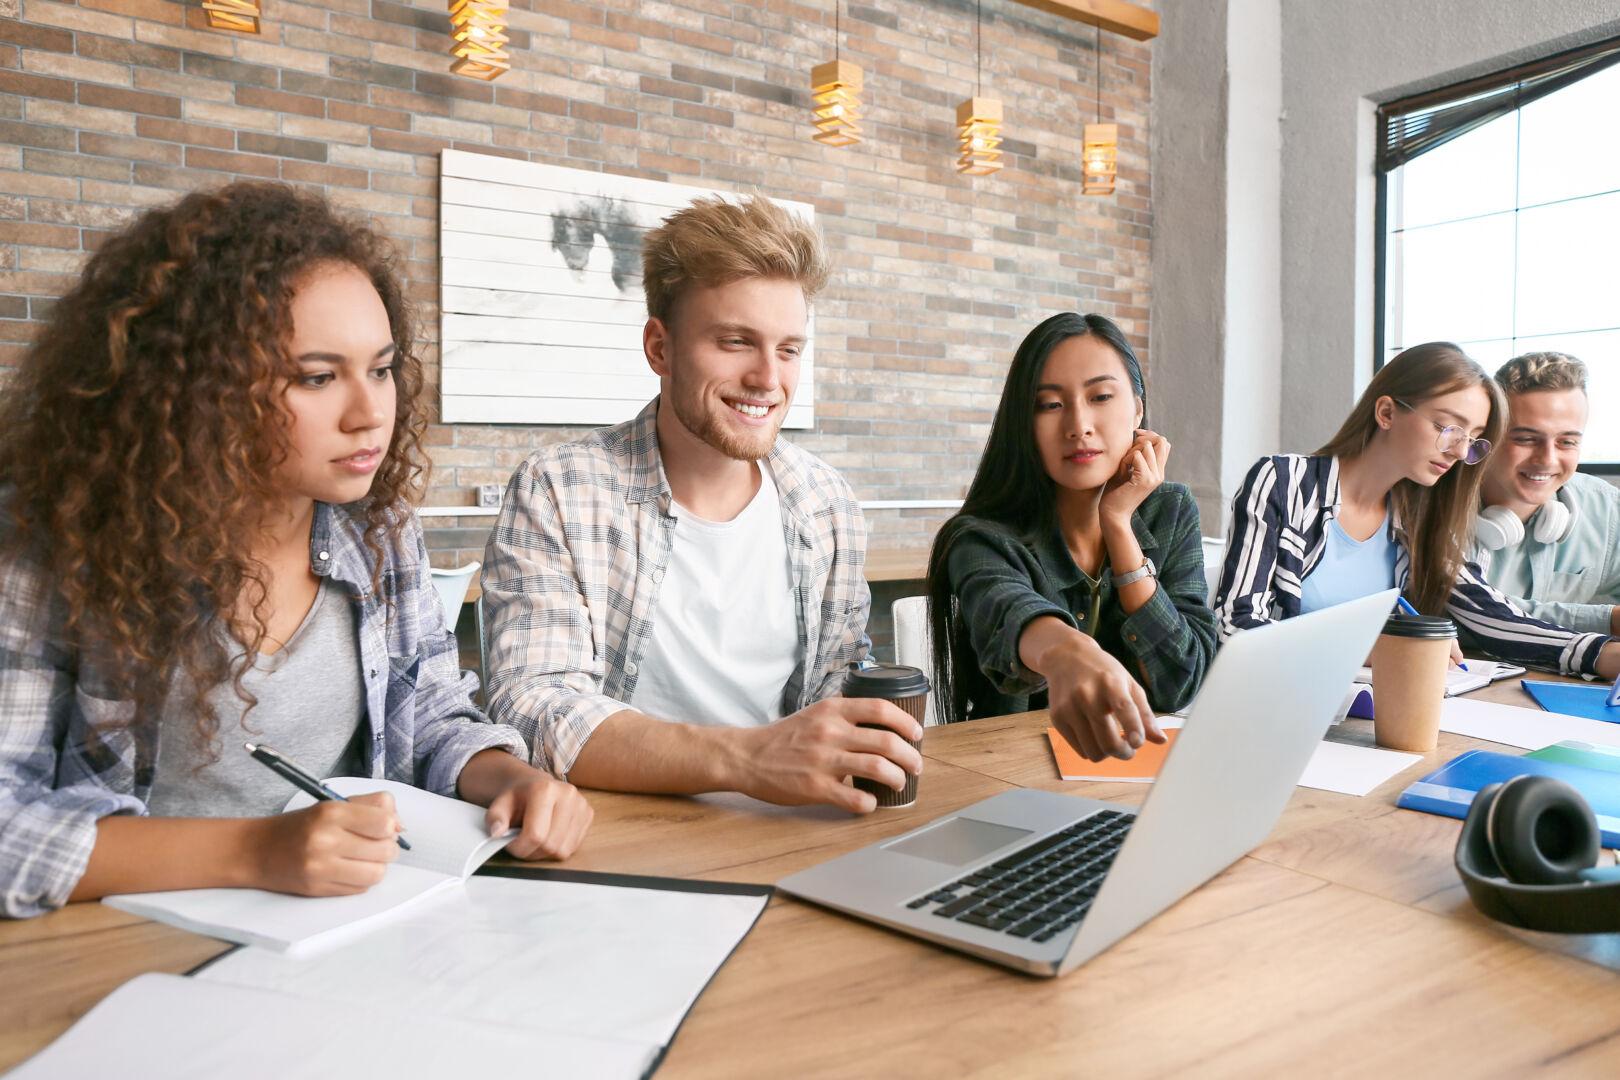 L'École Supérieure de l'Immobilier lance les «Digital Meeting ESI», des rencontres 100% digitales à destination des futurs étudiants